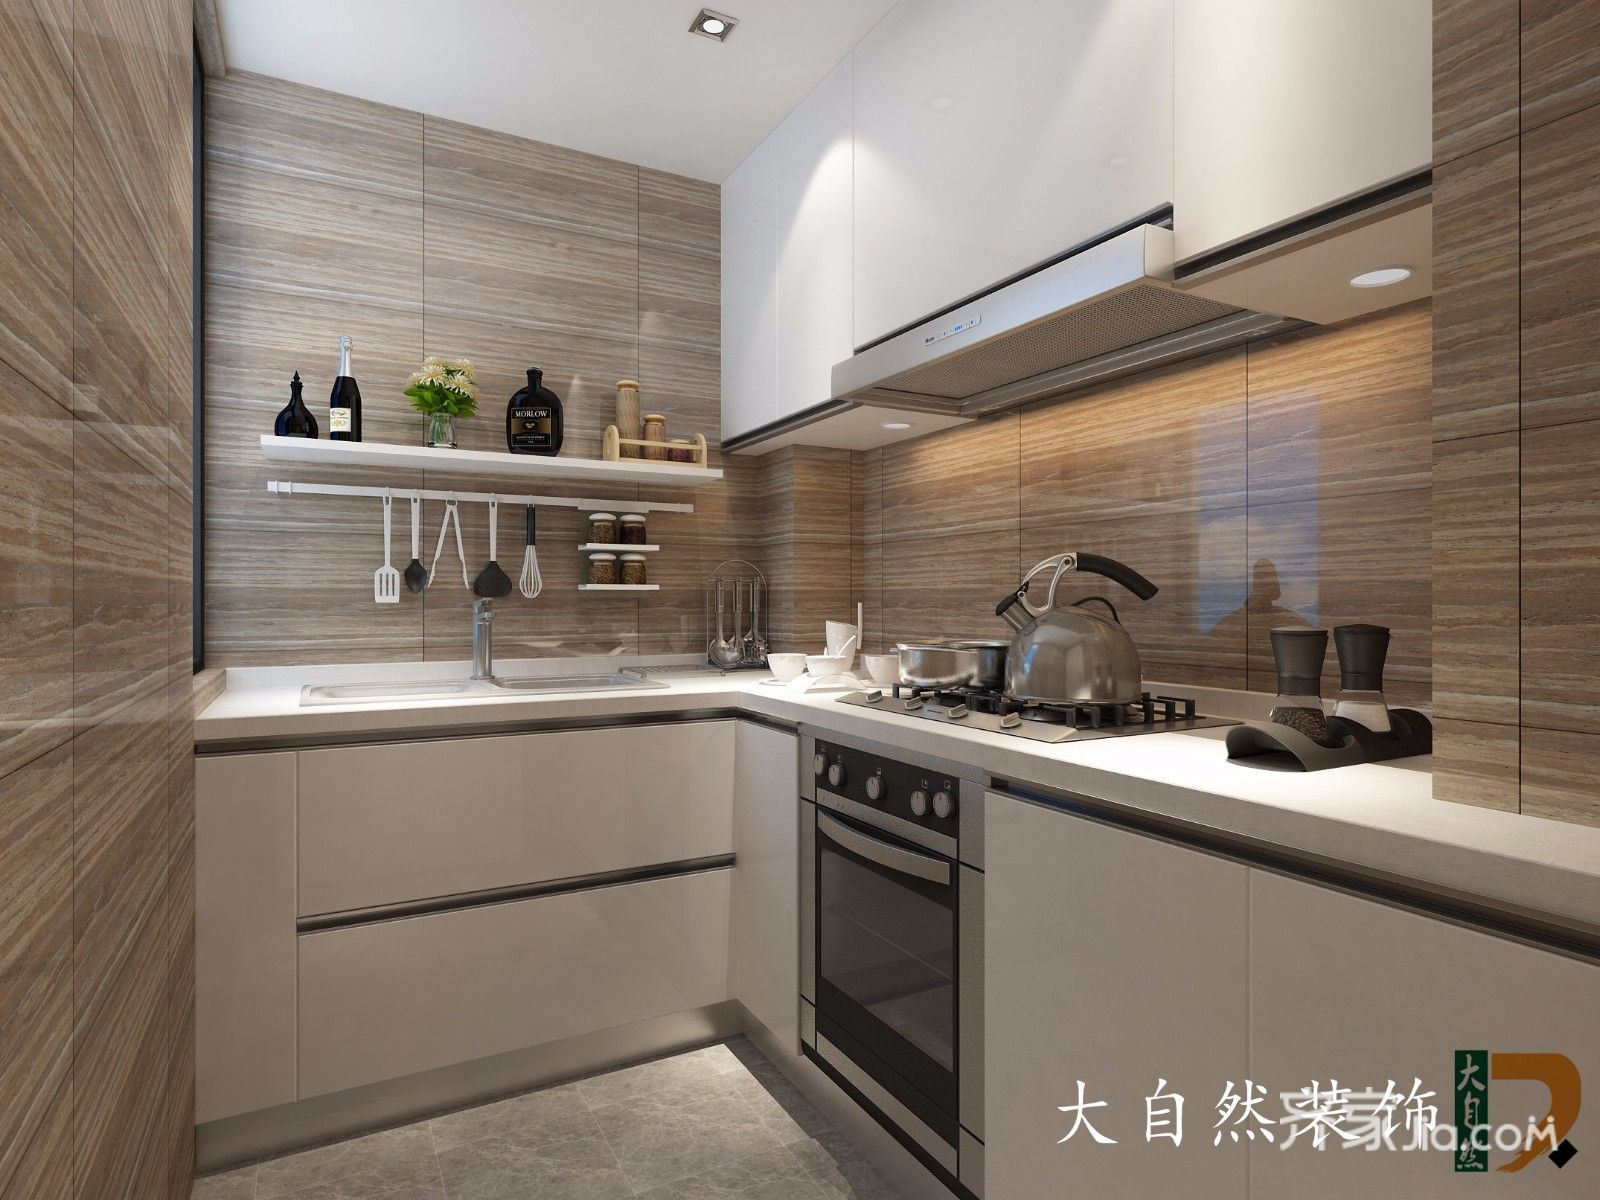 90㎡现代简约风格厨房装修效果图